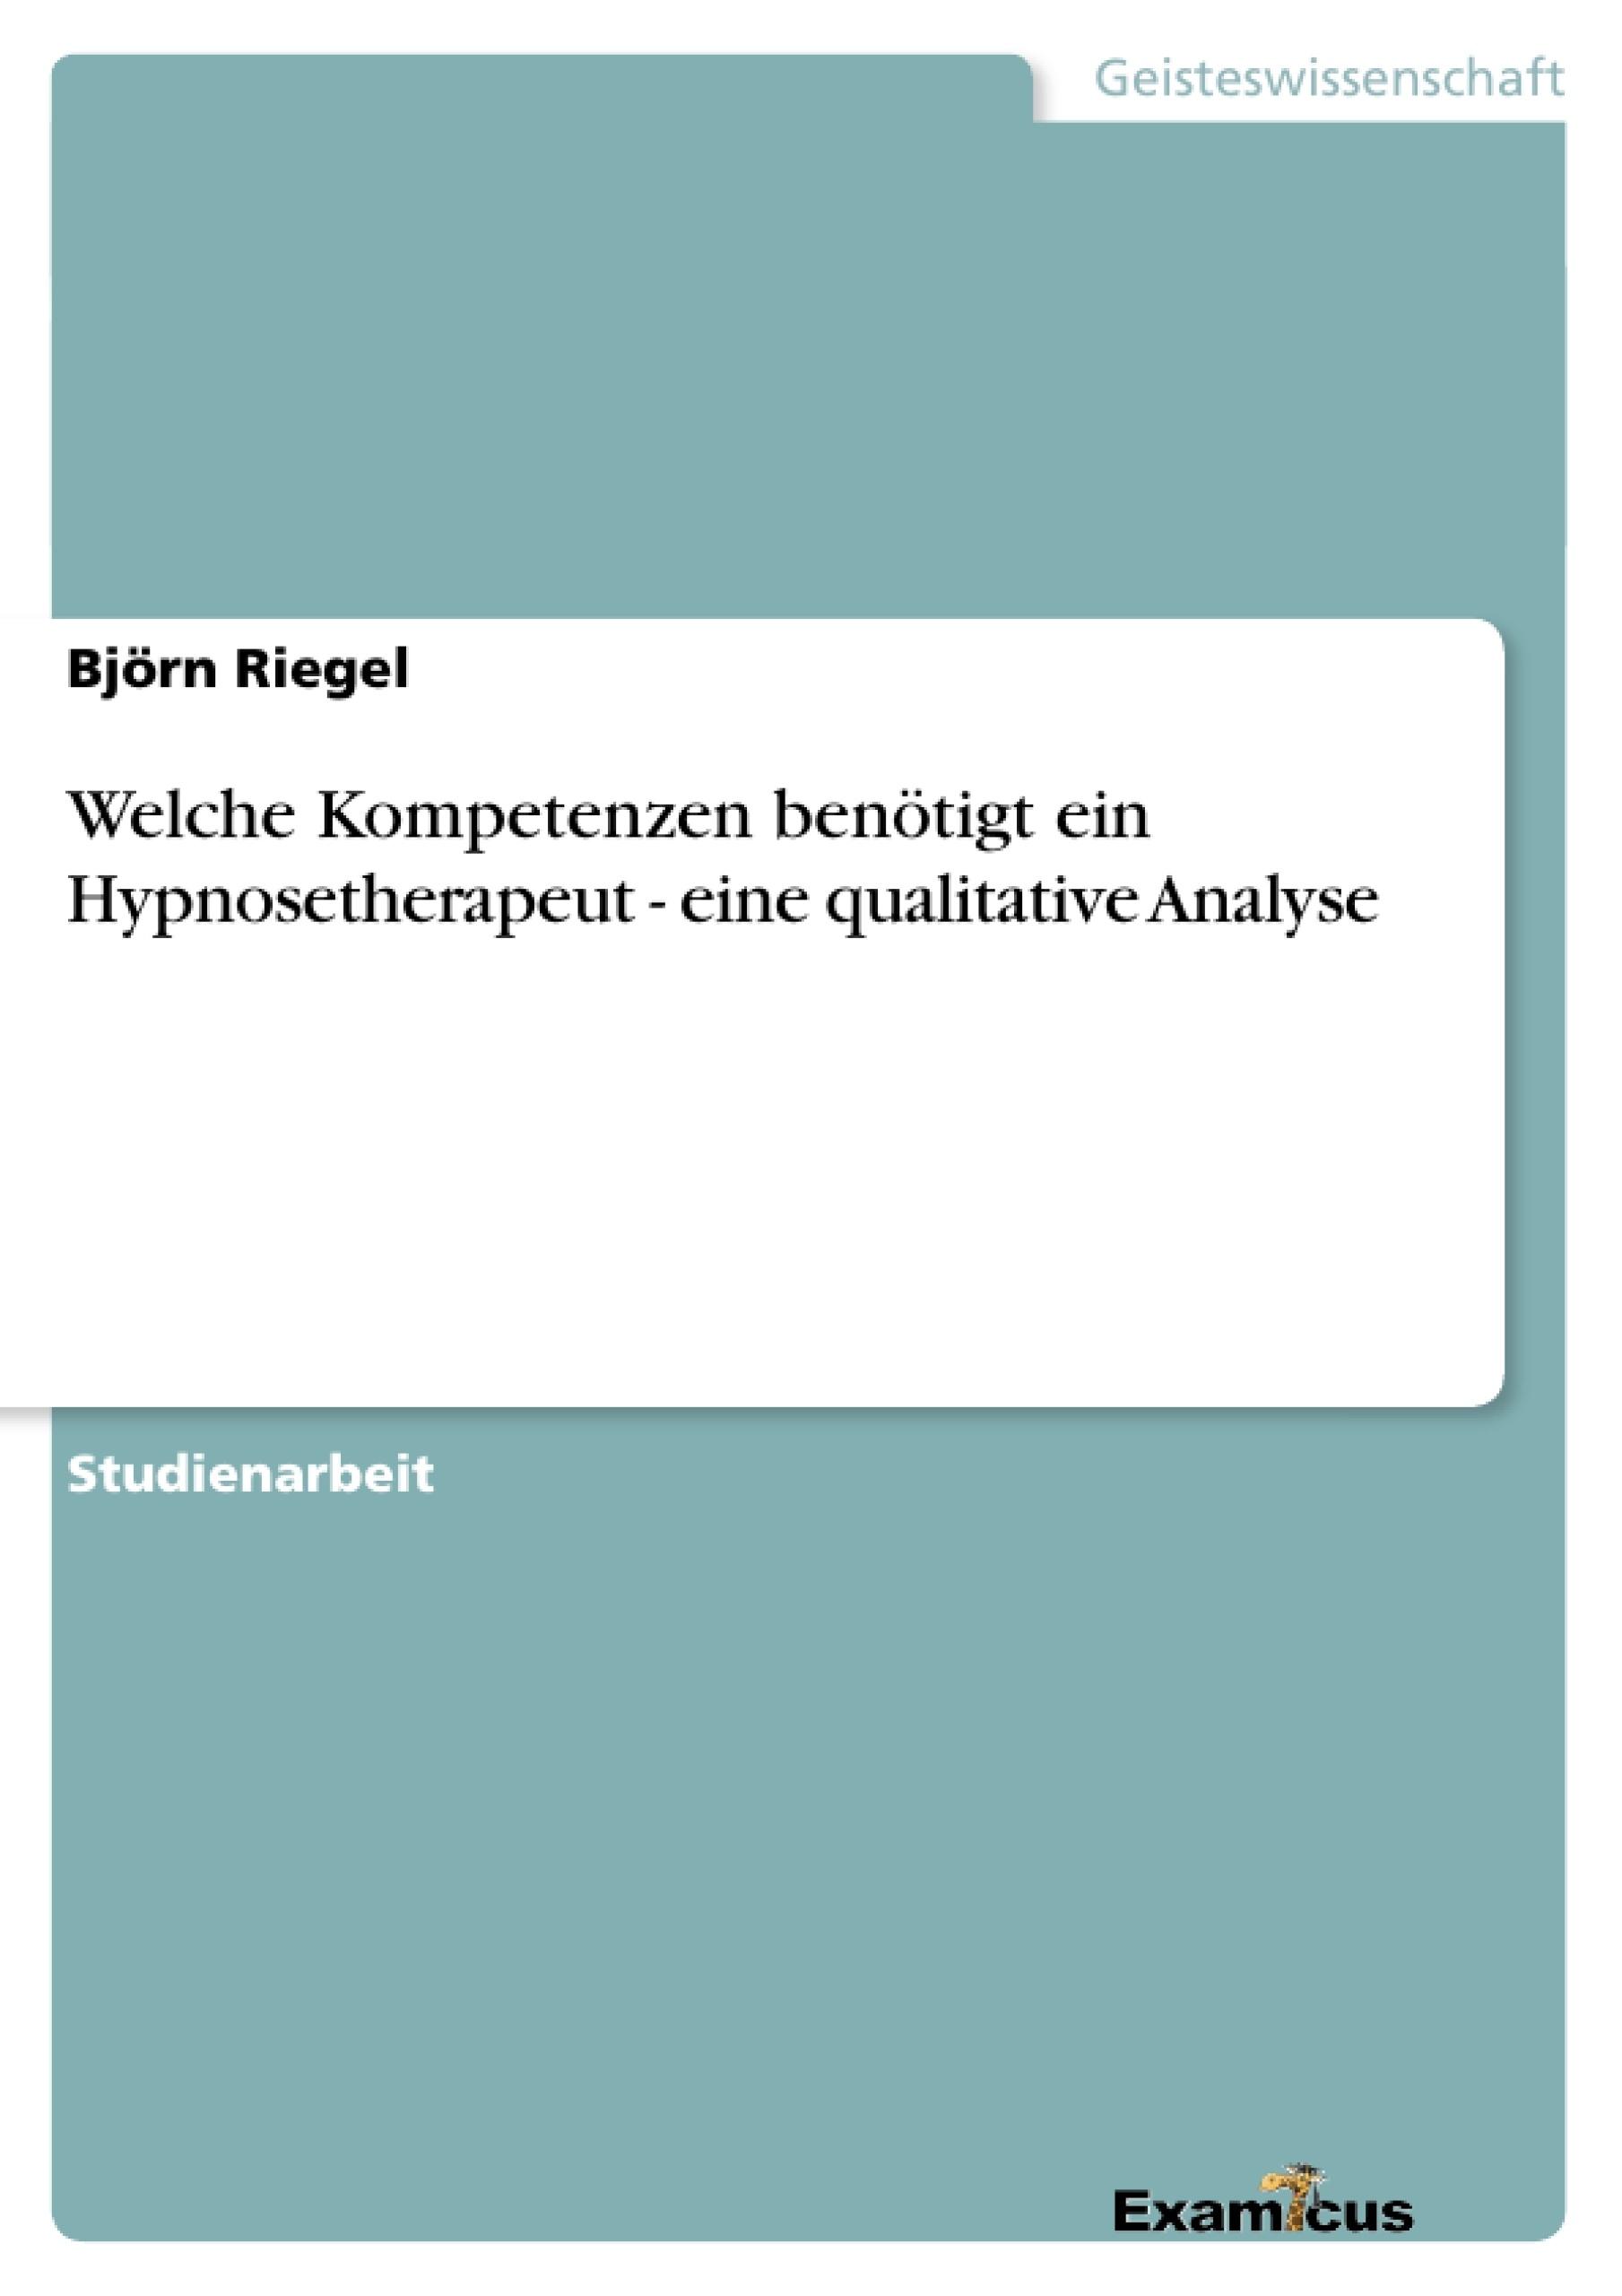 Titel: Welche Kompetenzen benötigt ein Hypnosetherapeut - eine qualitative Analyse